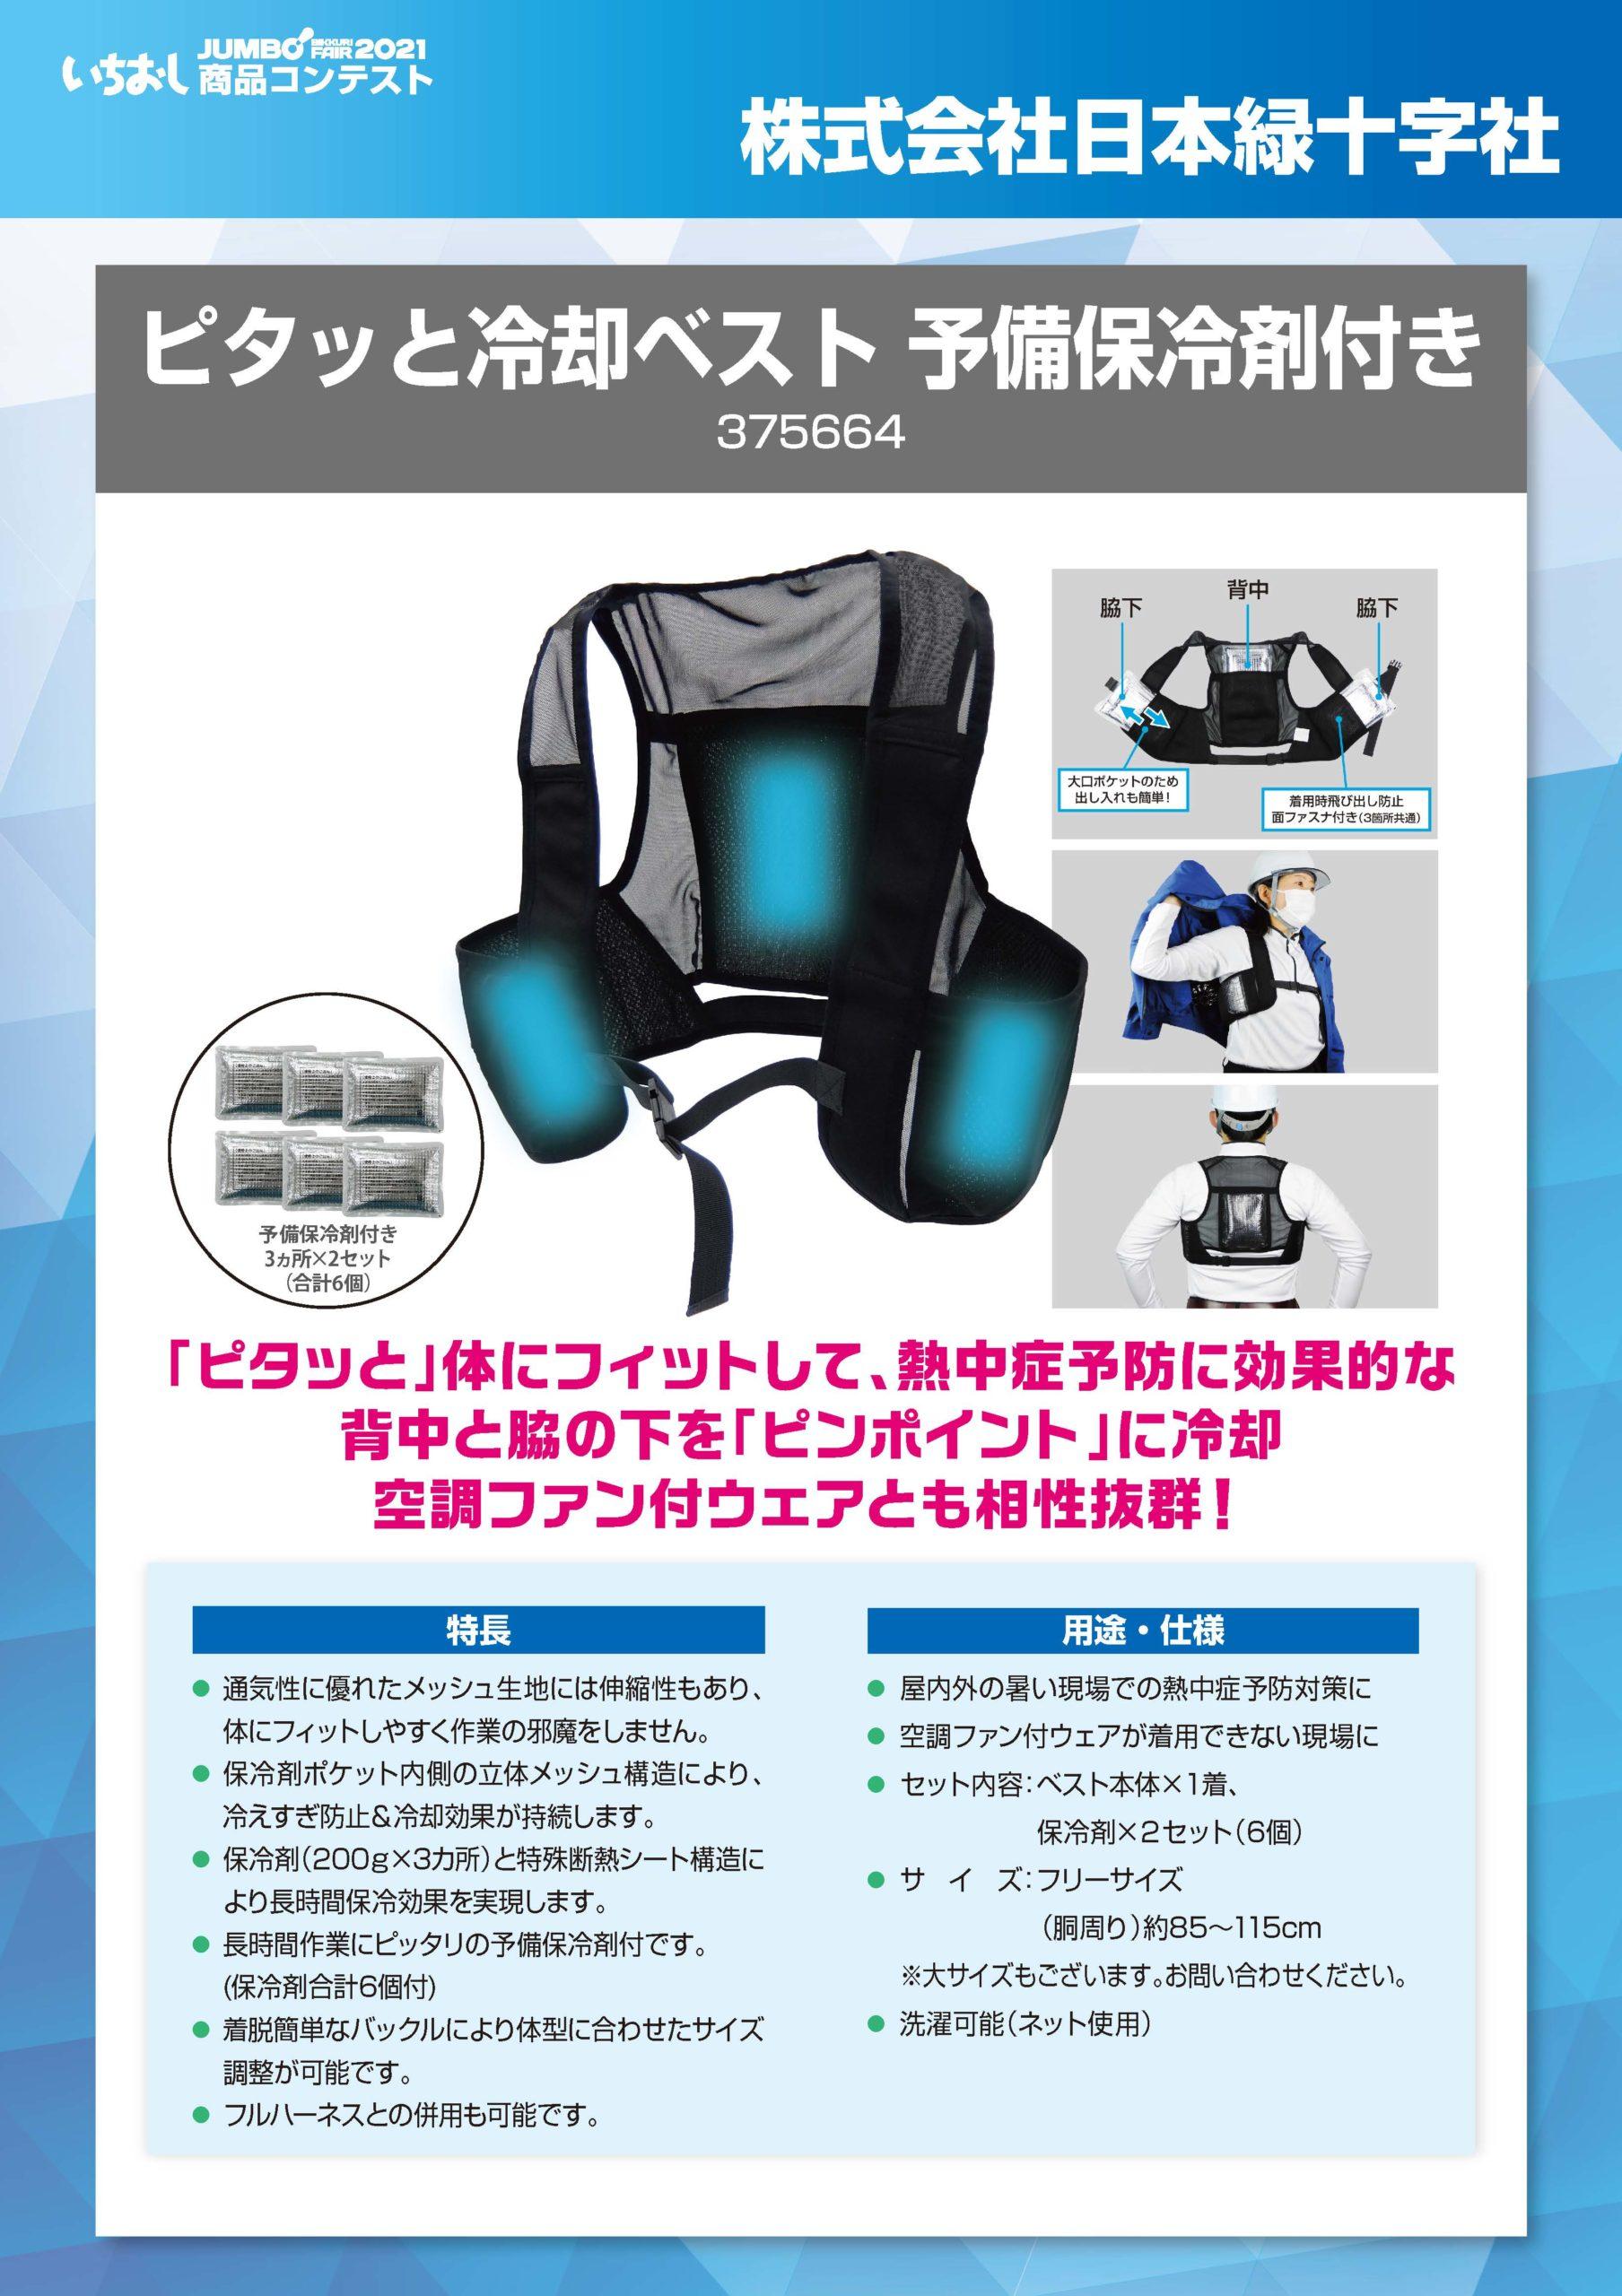 「ピタッと冷却ベスト 予備保冷剤付き」株式会社日本緑十字社の画像